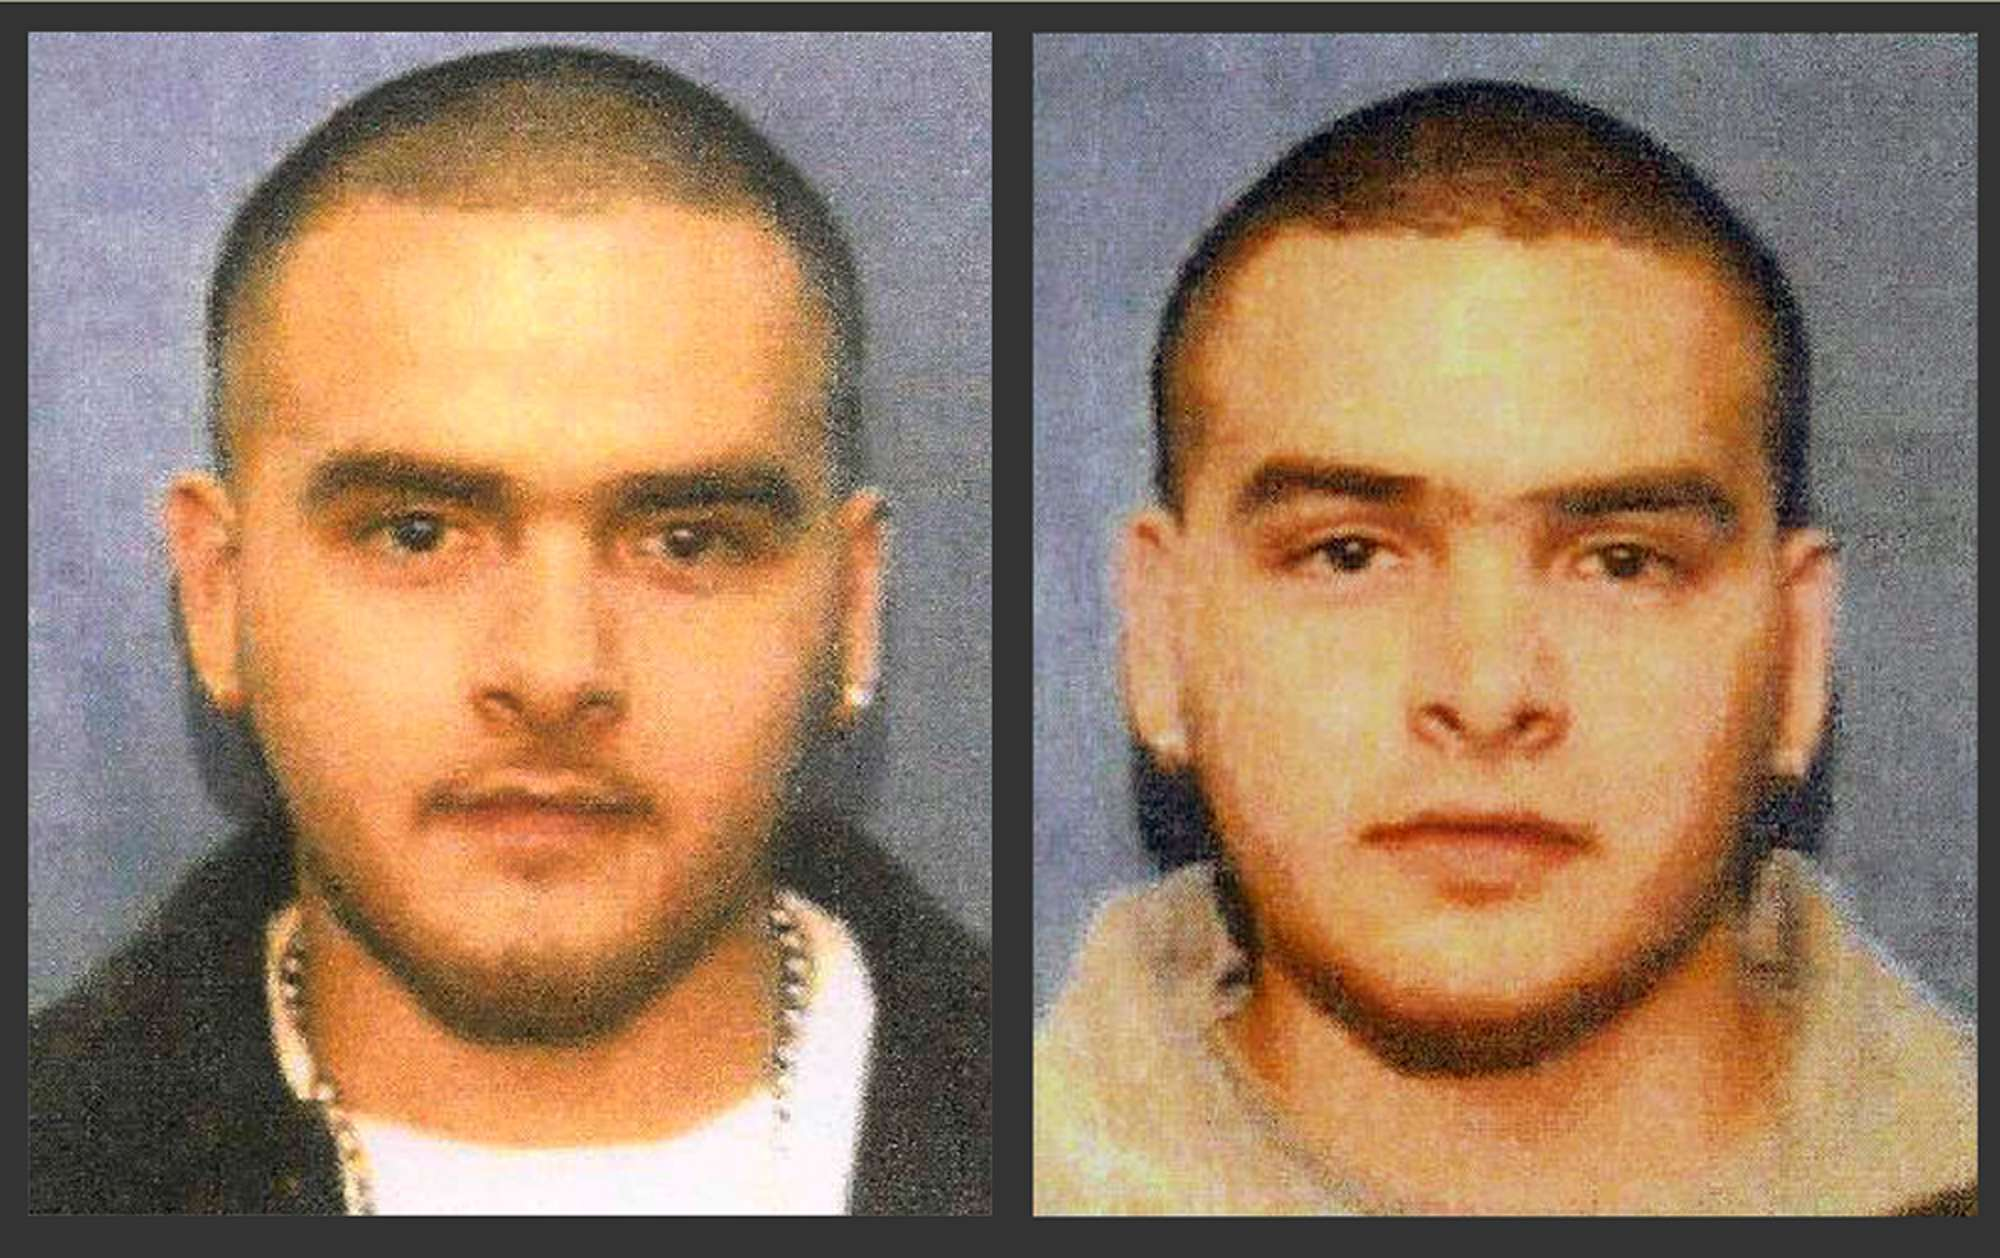 Imagen sin fecha de un cartel de criminales buscados por el Servicio de Alguaciles de Estados Unidos muestra a Pedro Flores, izquierda, y su hermano gemelo Margarito Fl Foto: AP en español